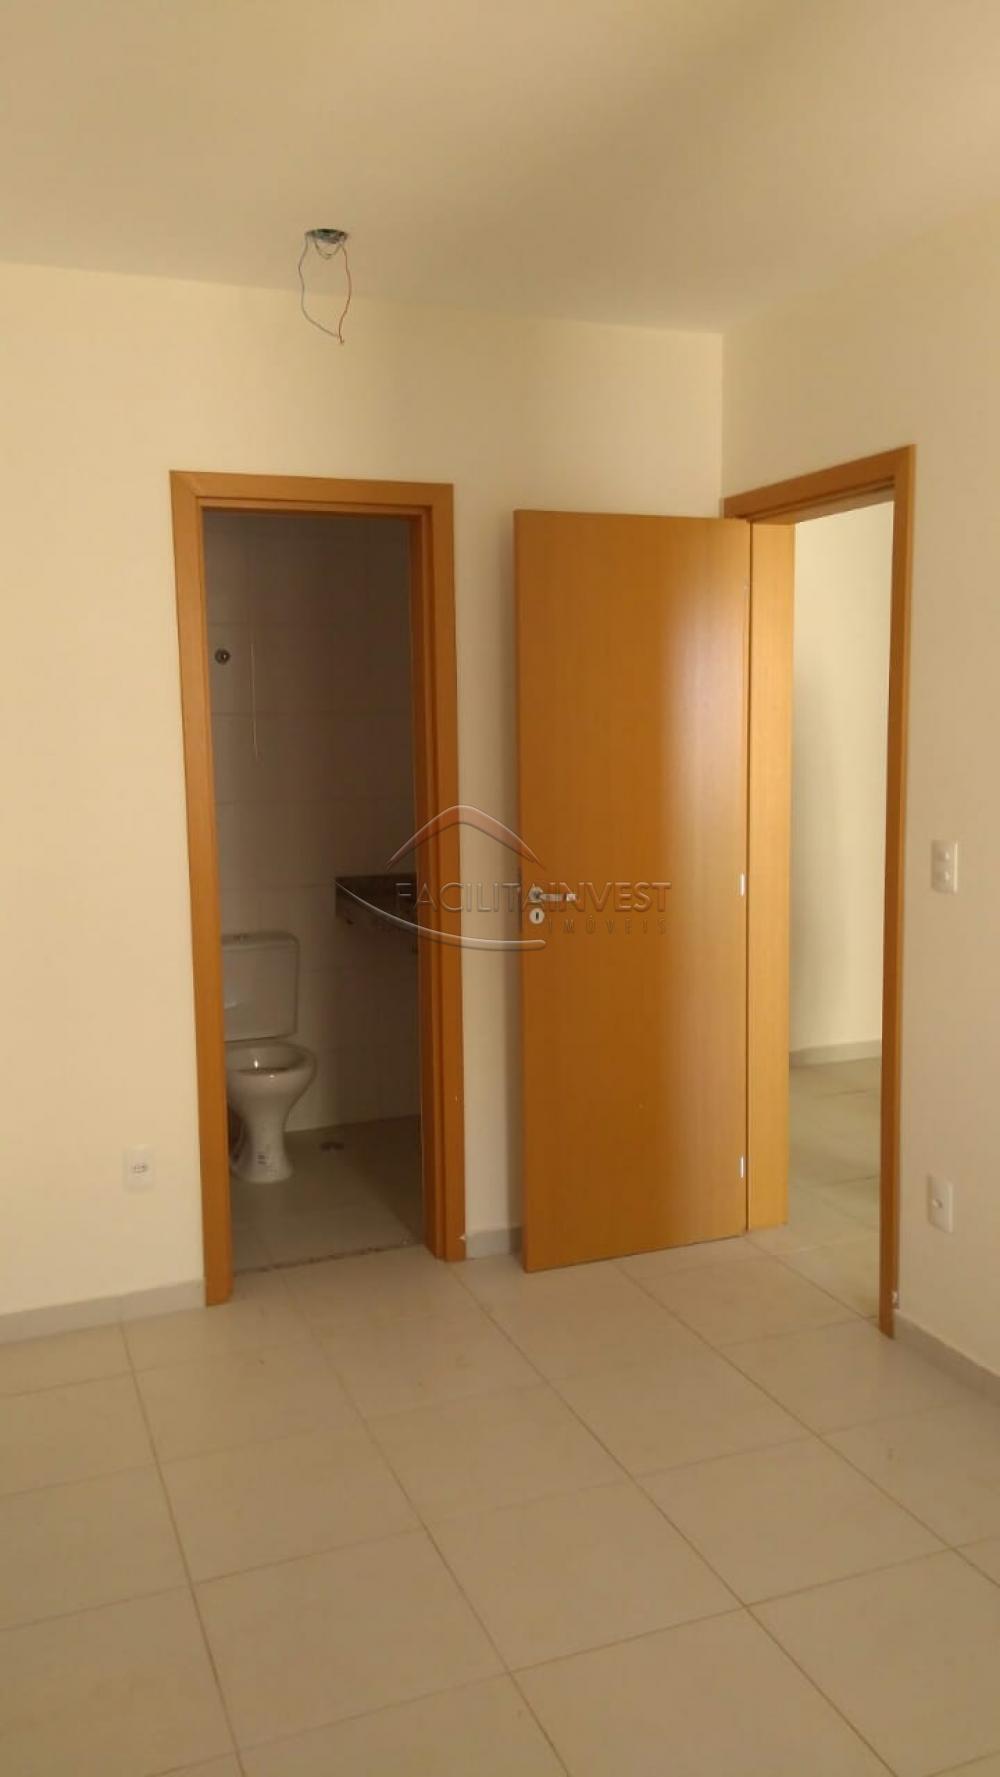 Comprar Lançamentos/ Empreendimentos em Construç / Apartamento padrão - Lançamento em Ribeirão Preto apenas R$ 216.000,00 - Foto 4